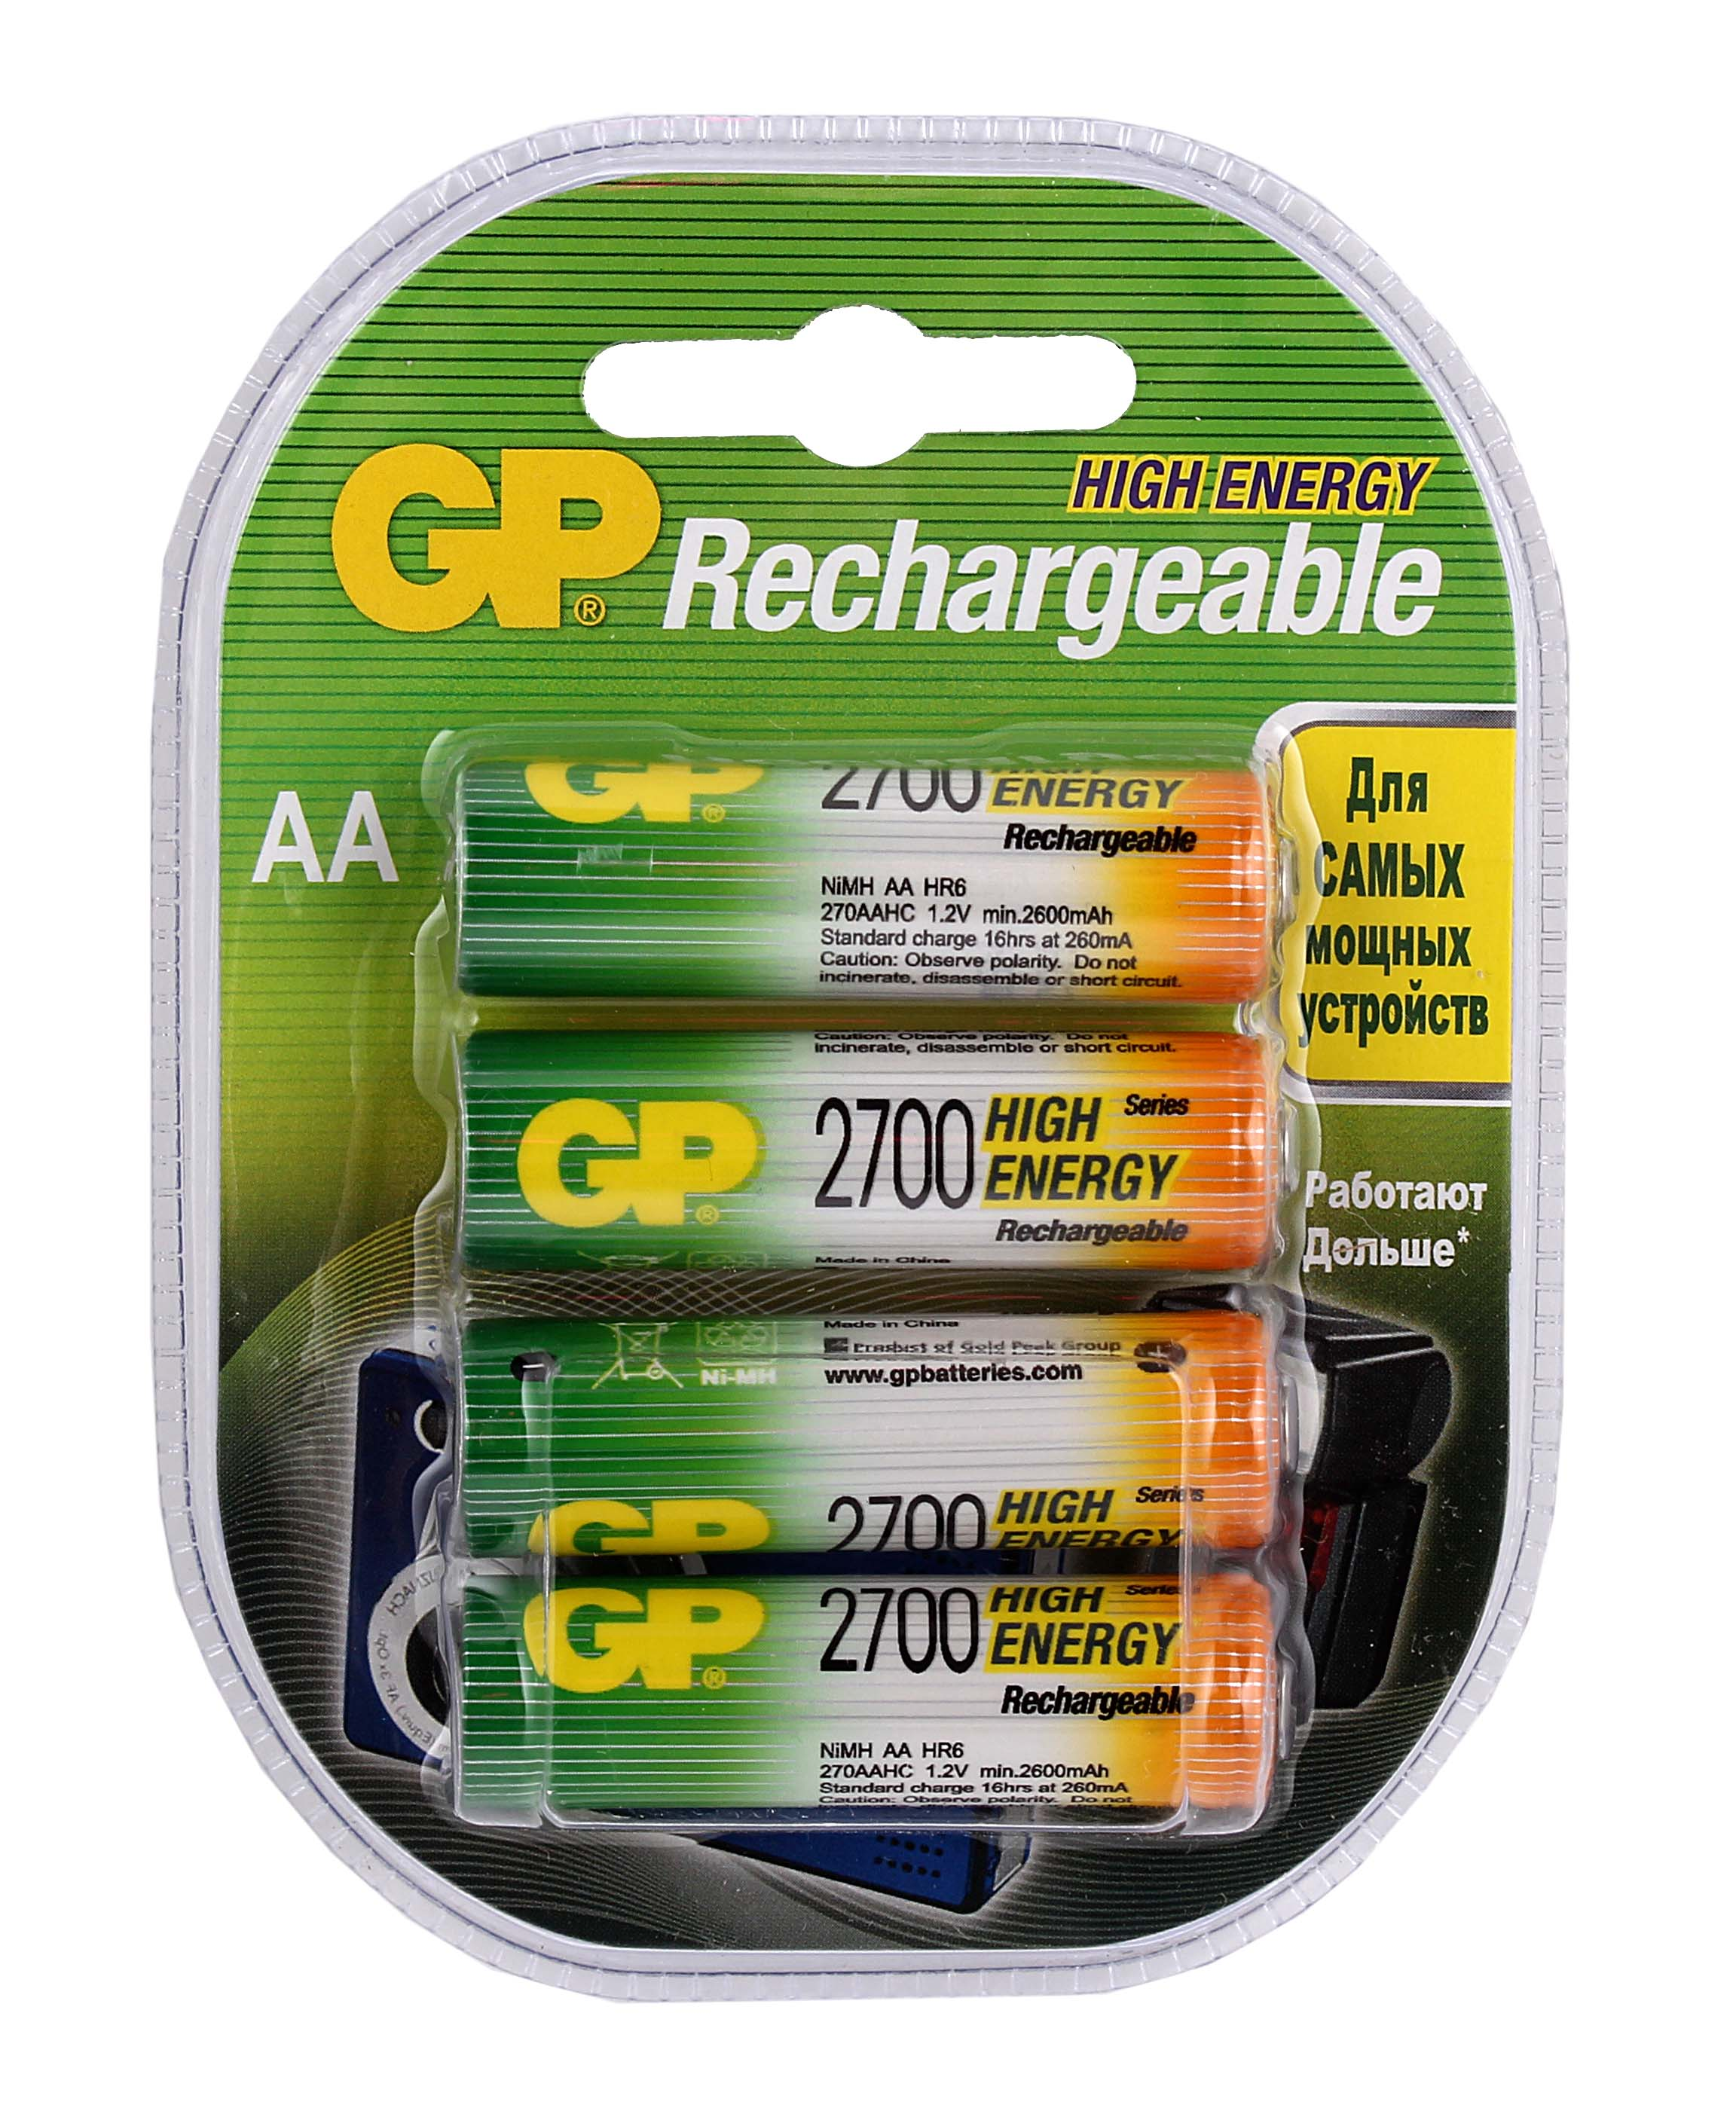 Аккумуляторы Gp Real Brand Technics 664.000